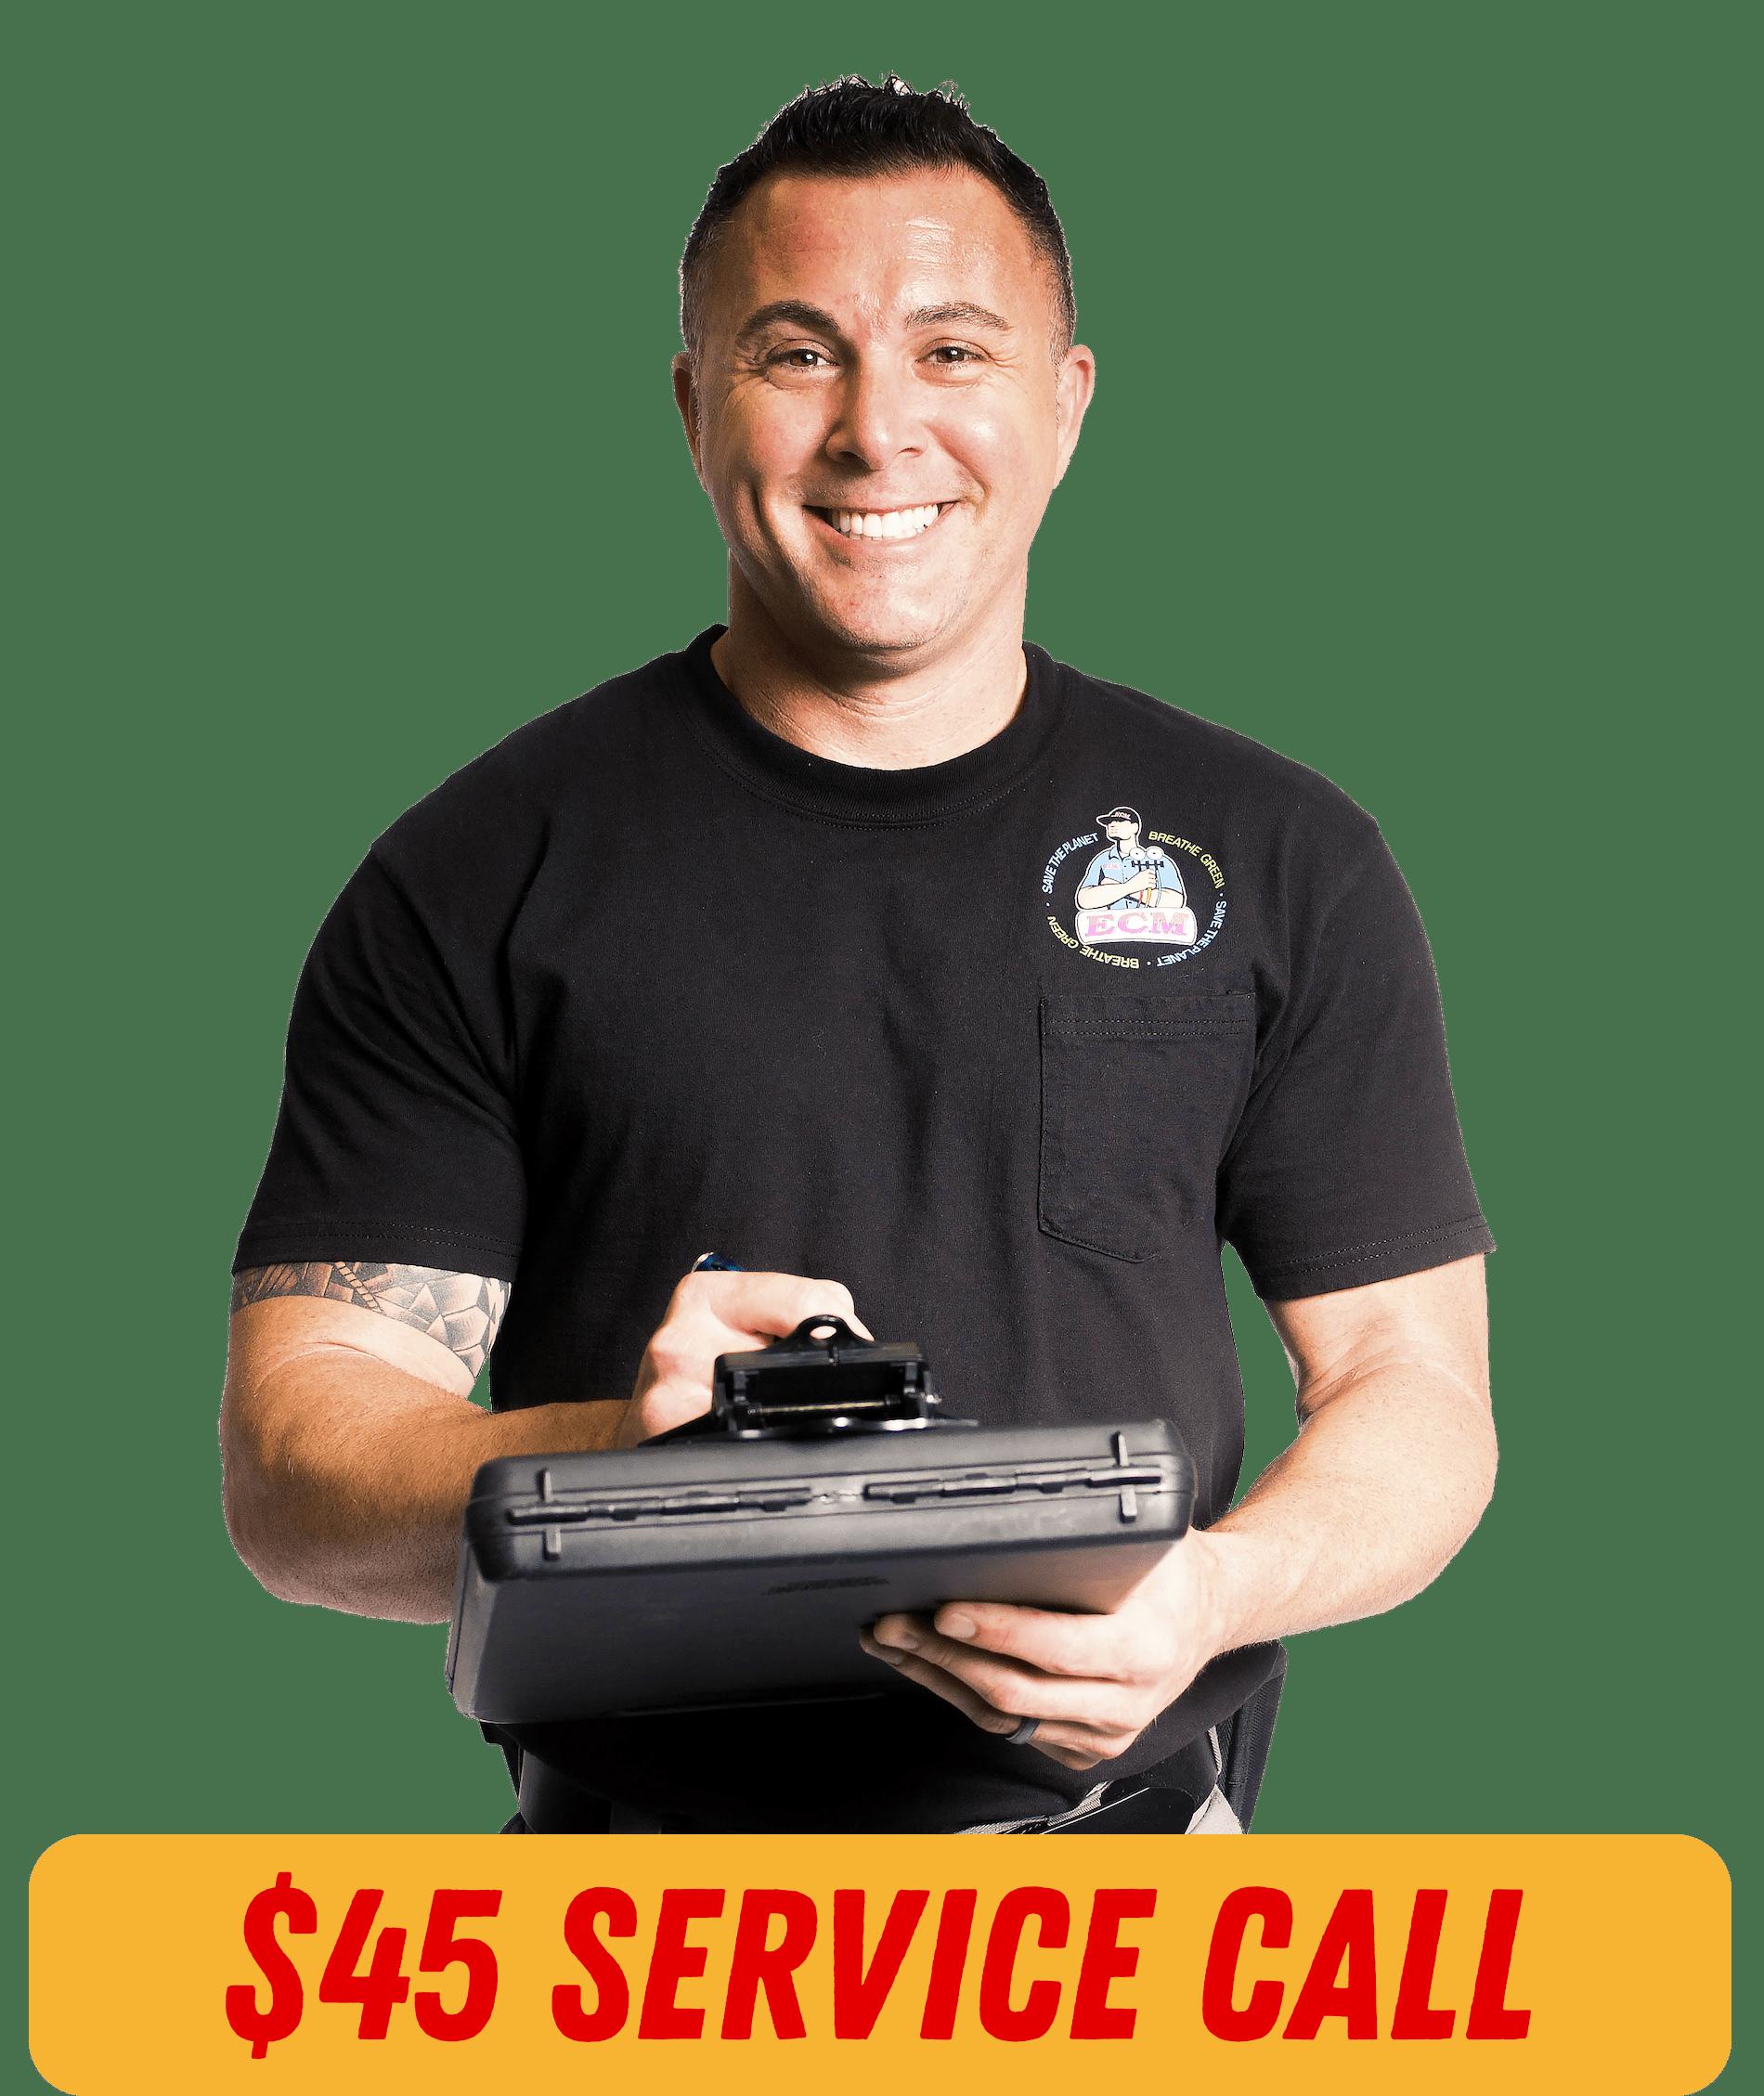 ECM Appliance Service & Repair - Form + Number